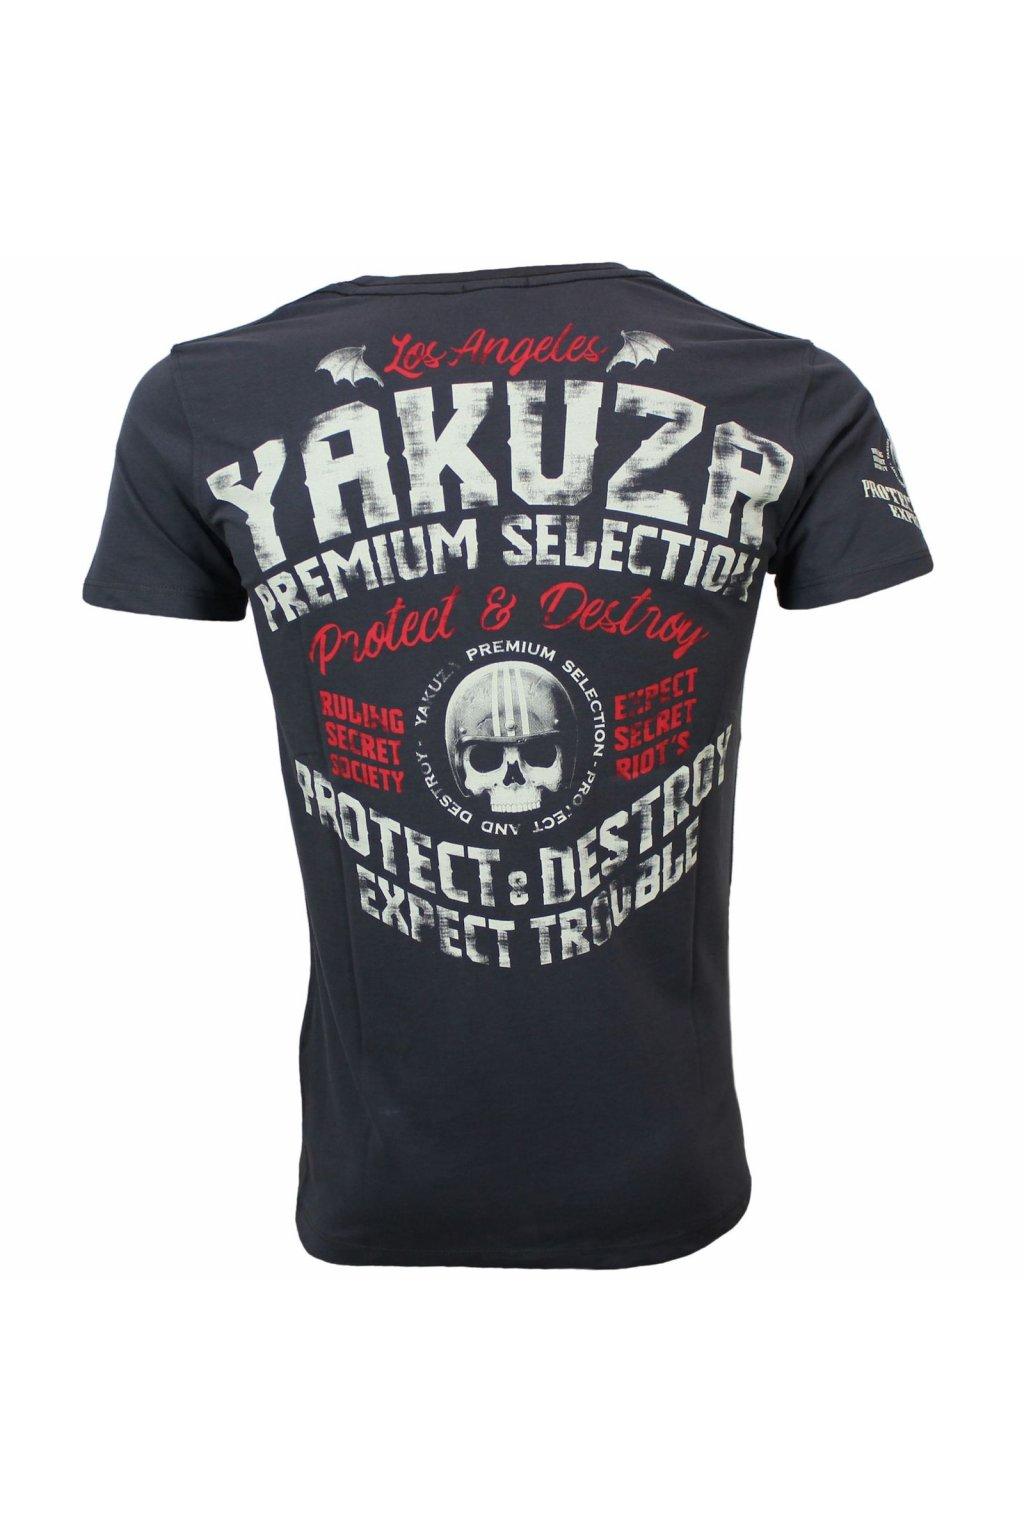 Pánské triko Yakuza Premium 3012 tmavě šedá obr1